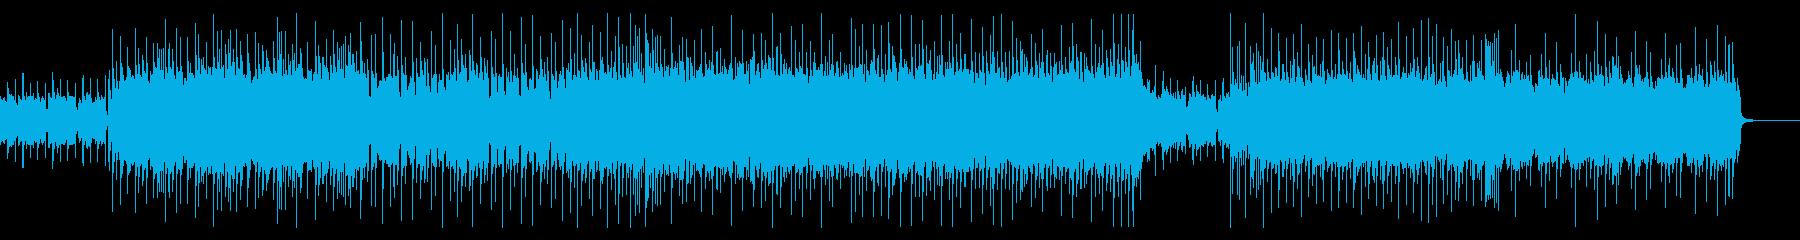 メキシカンメタル!の再生済みの波形